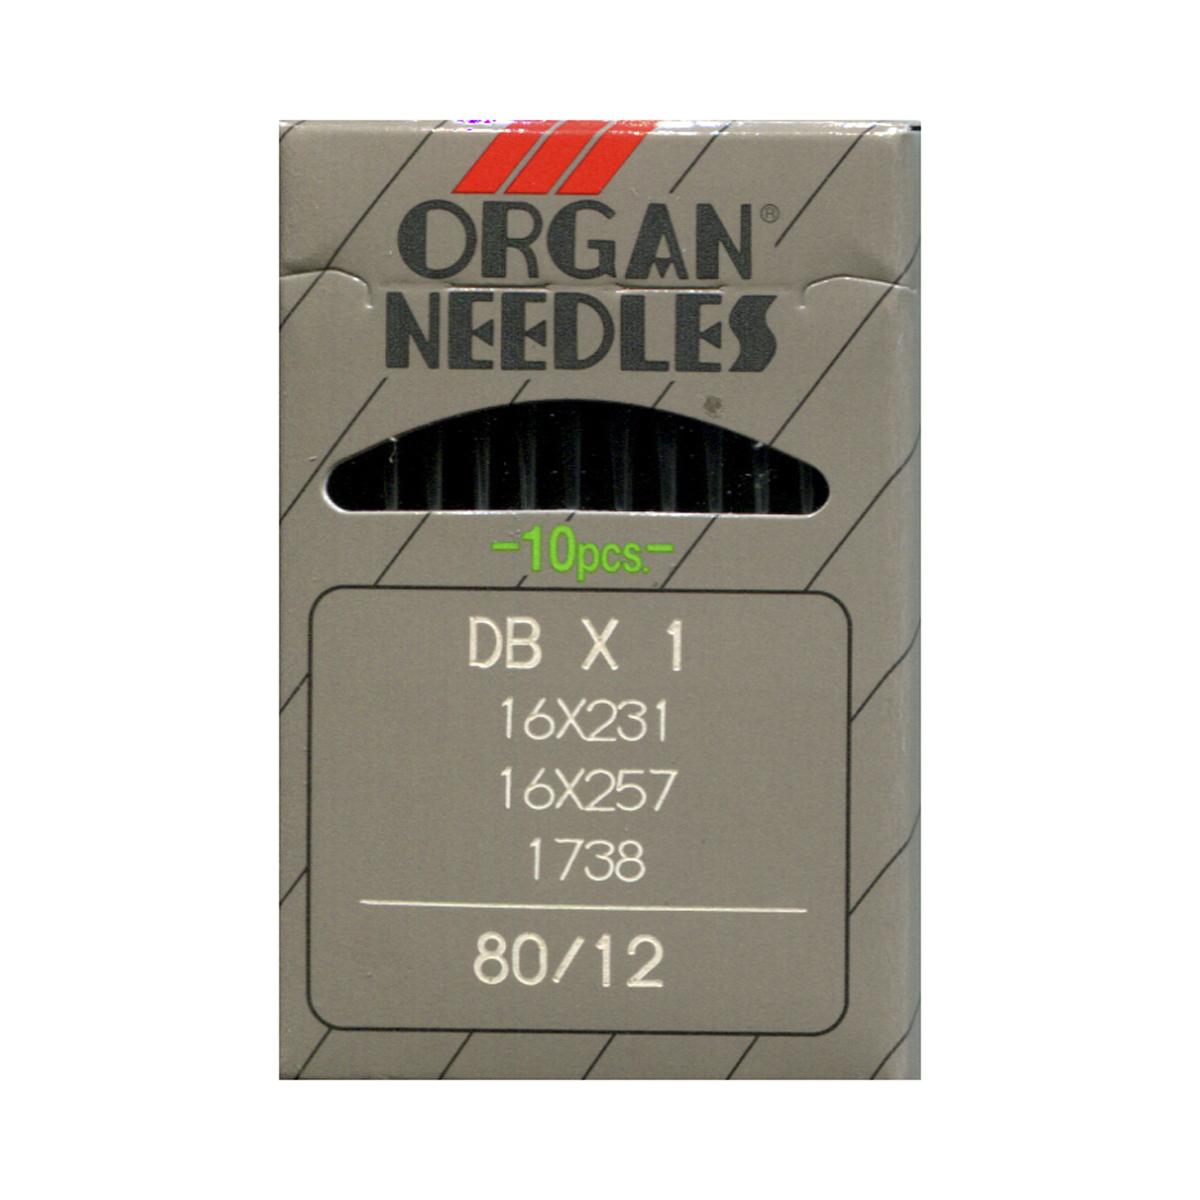 Иглы для промышленных швейных машин Organ, DBx1/80, 10 штKT-508-3 бело-фиолетовыйИглы для промышленных швейных машин Organ с маркировкой DBx1 предназначены для прямострочных швейных машин. Иглы используются для пошива всех видов тканей. Острие игл тонкое, стандартное.Предназначены для машин цепного стежка 10Б, 53, 810 классов и импортных аналогов. В промышленных машинах используются иглы с круглыми колбами, в отличие от игл бытовых машин, у которых колбы плоские. Круглая колба позволяет при наладке машины и установке иглы поворачивать (вращать) иглу, закрепляя ее в нужном положении. Диаметр колбы: 1,64 мм. Длина иглы: 33,9 мм. Номер игл: 80.